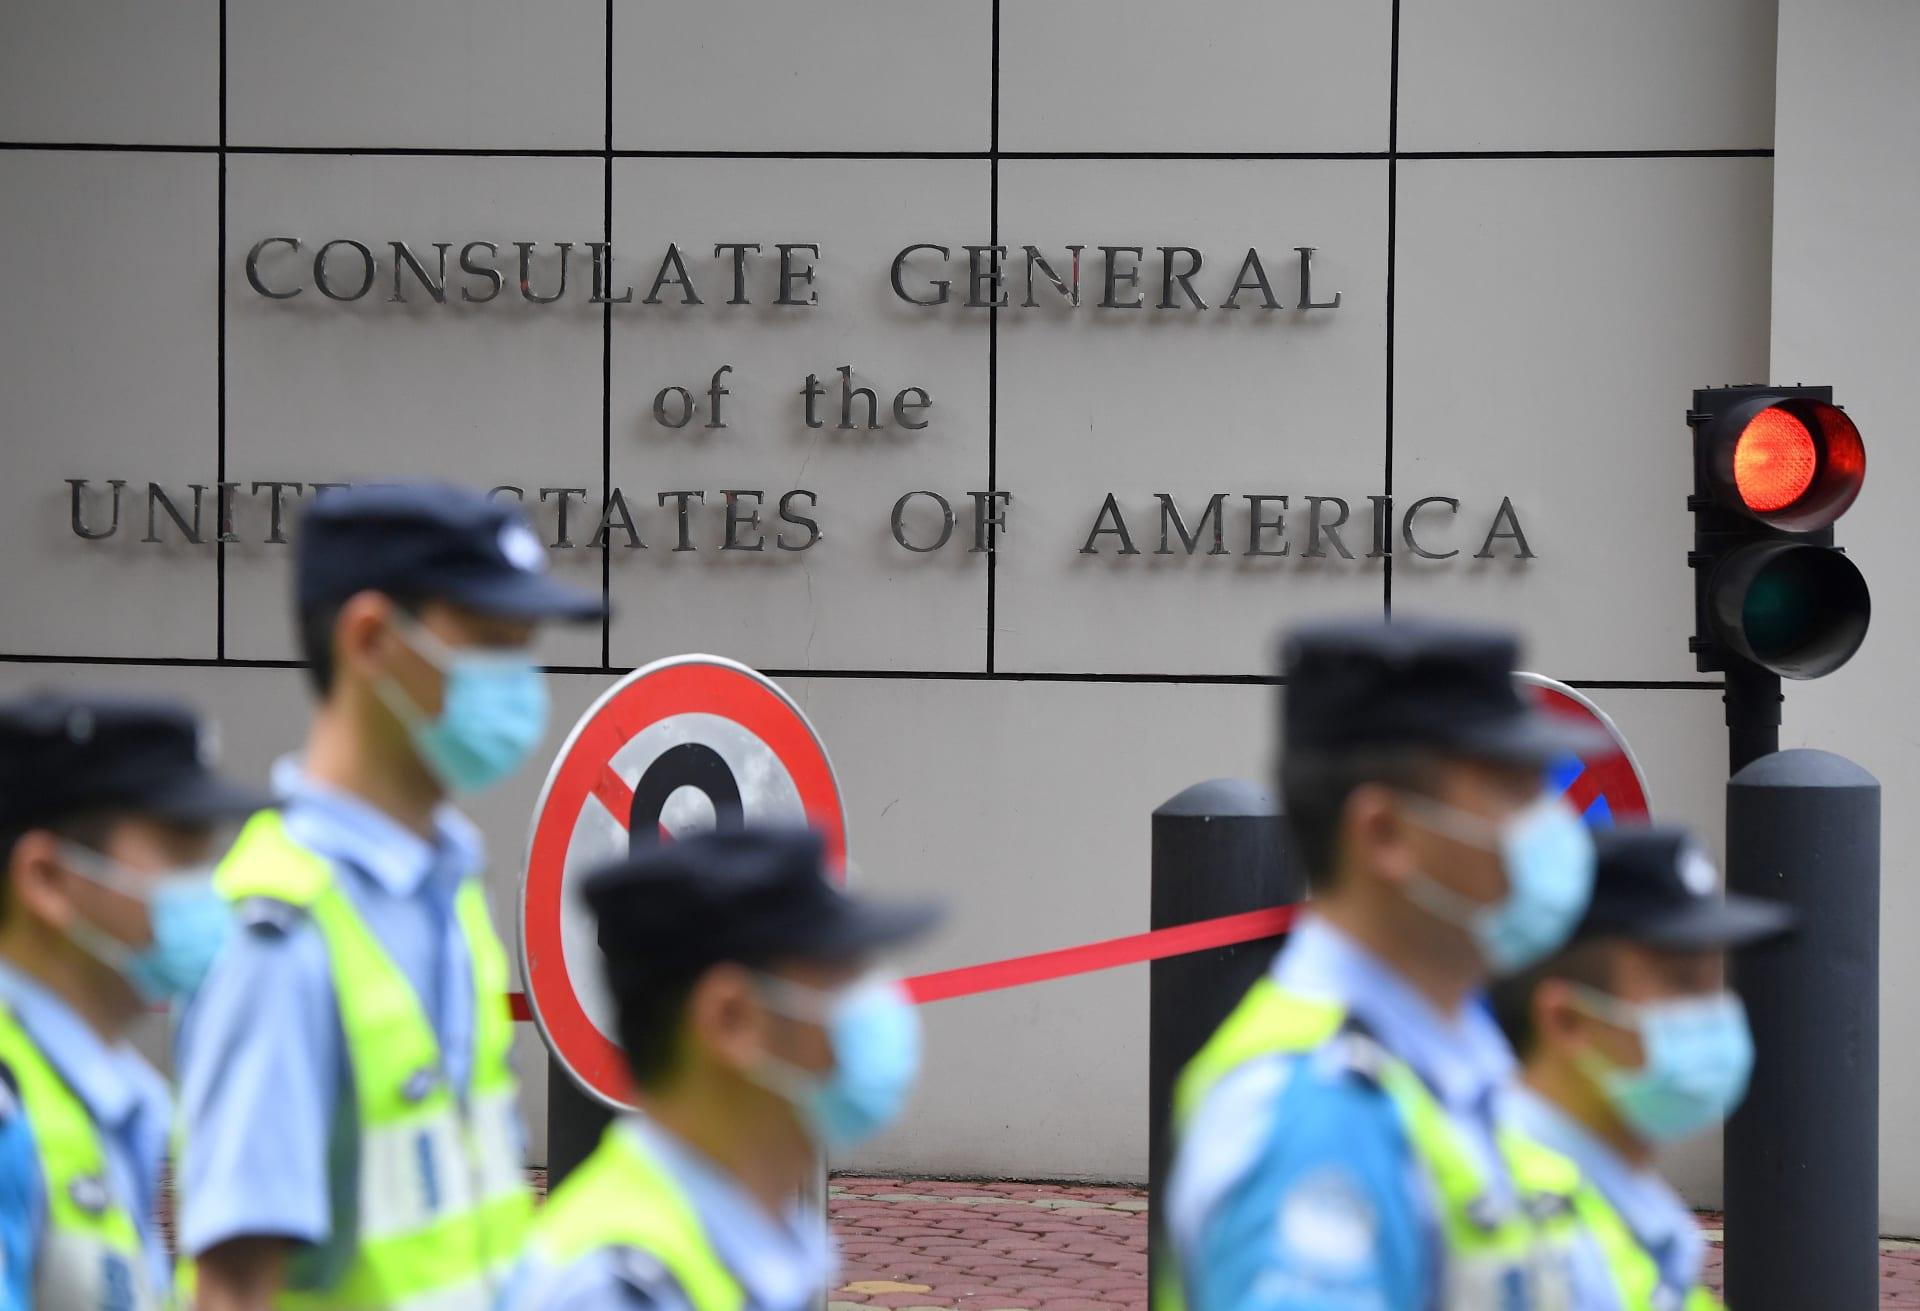 إنزال العلم الأمريكي عن قنصلية واشنطن في تشنغدو بالصين